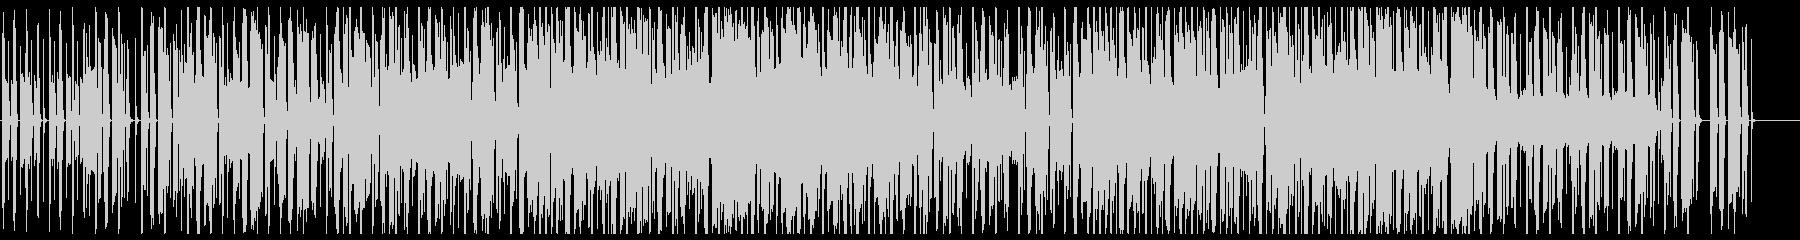 ジャジーでオシャレなチル系ビート フル歌の未再生の波形